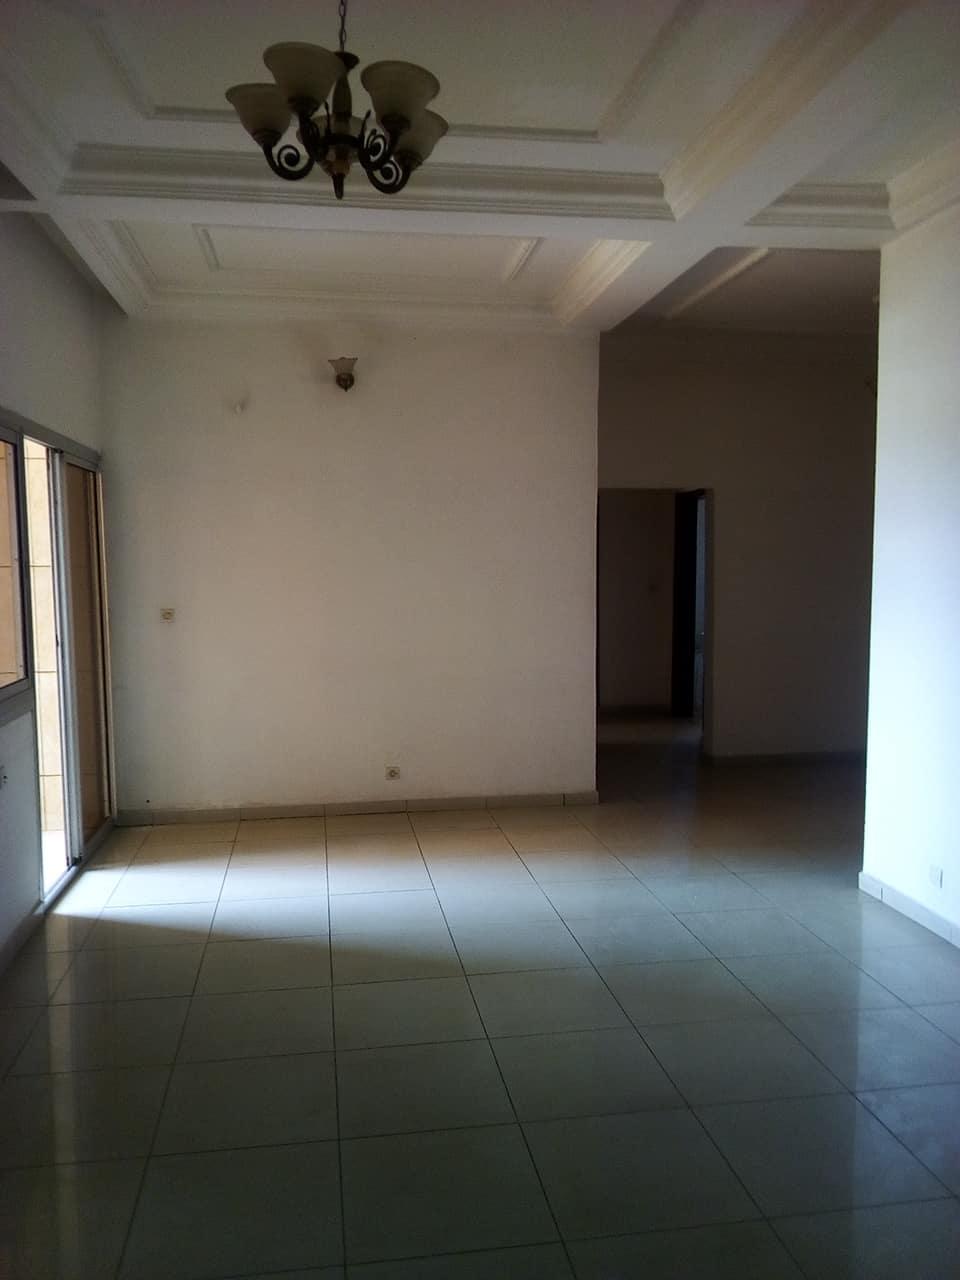 Bureau à louer à Yaoundé, Tsinga, apres super marche max - 100 m2 - 300 000 FCFA